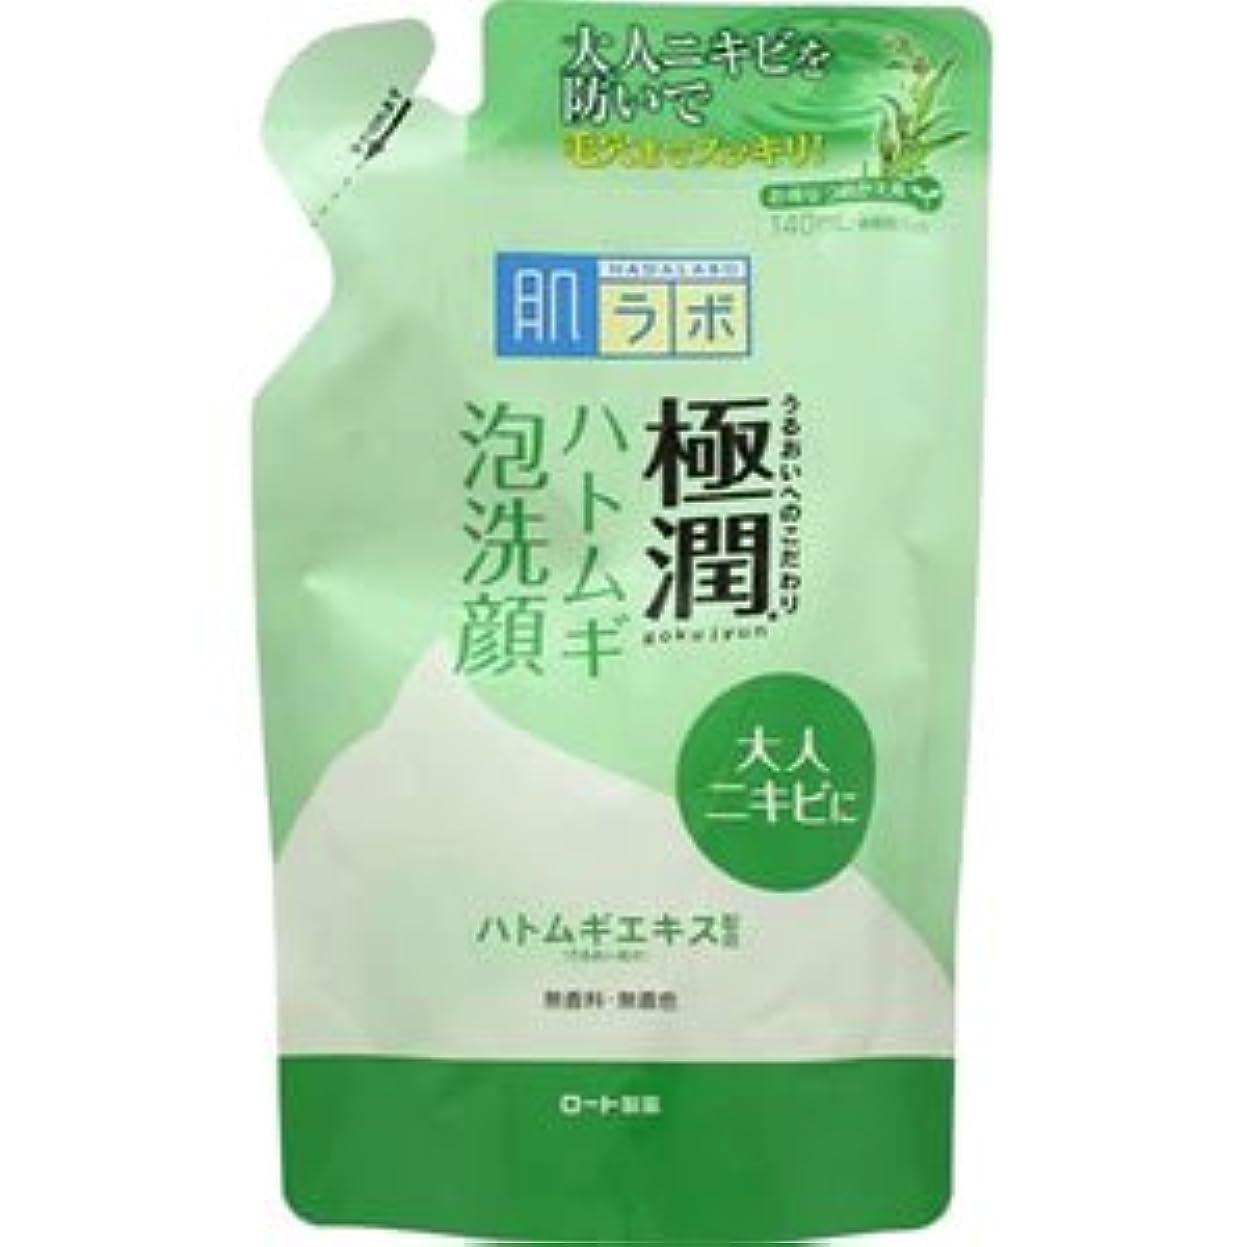 サルベージ満足用語集(ロート製薬)肌研 極潤ハトムギ泡洗顔 140ml(つめかえ用)(お買い得3個セット)